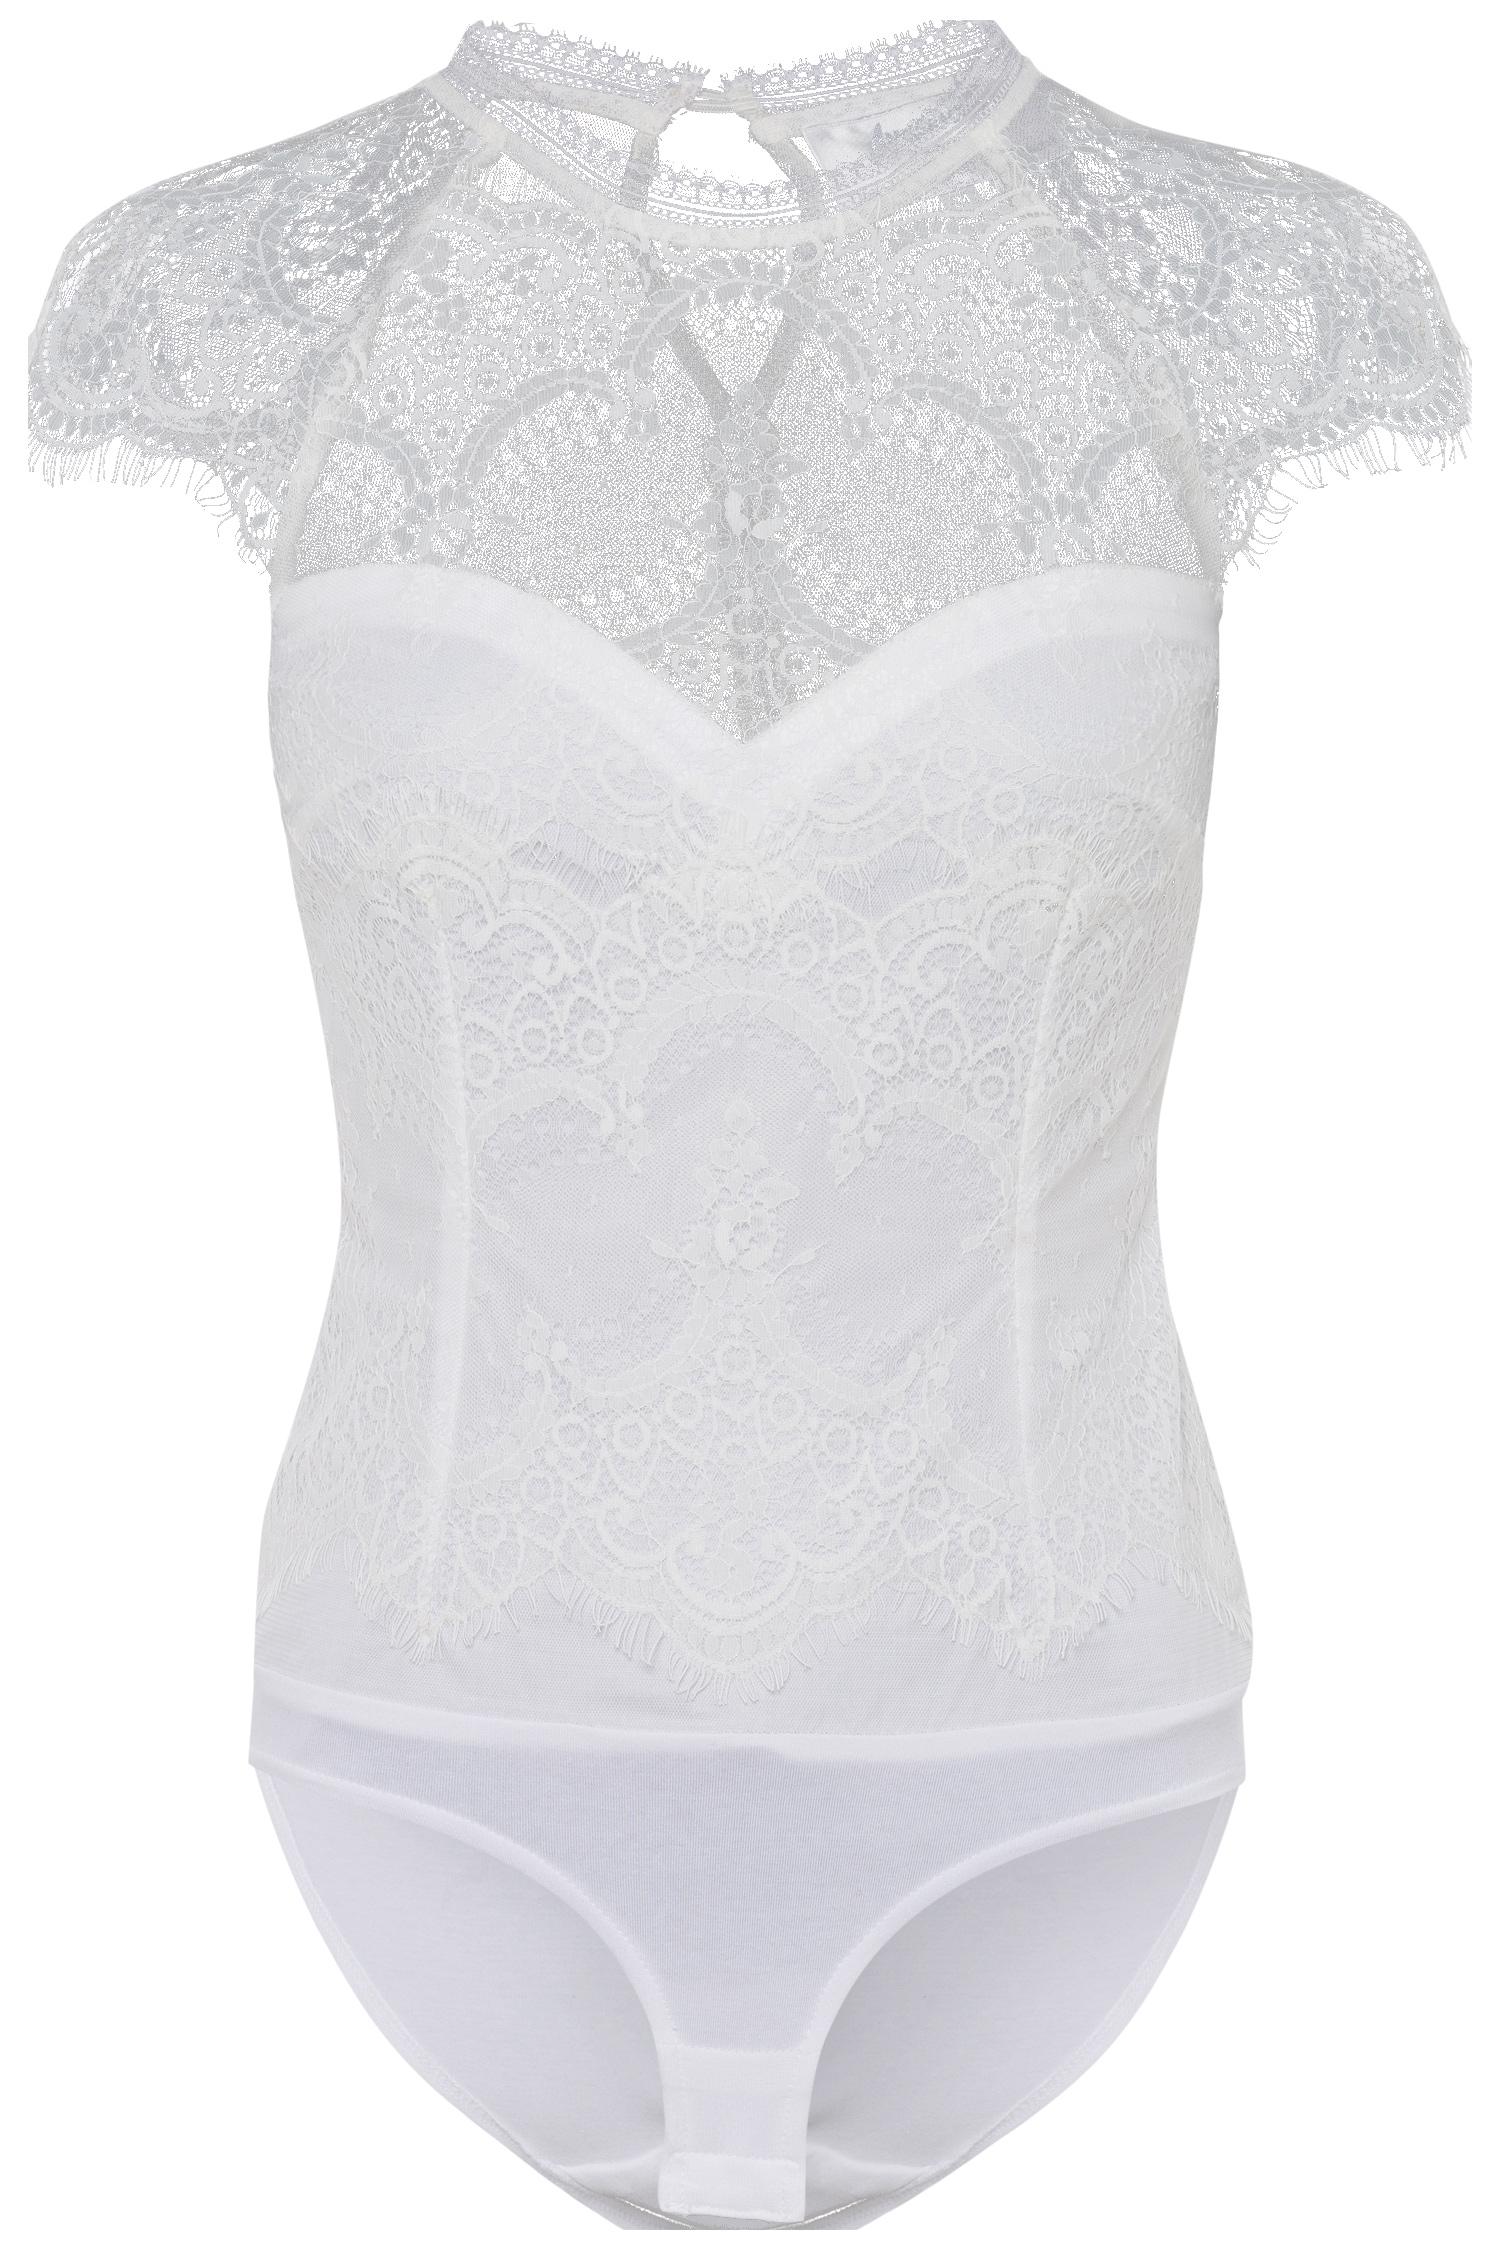 Body Nordika-Dali 32 | off white